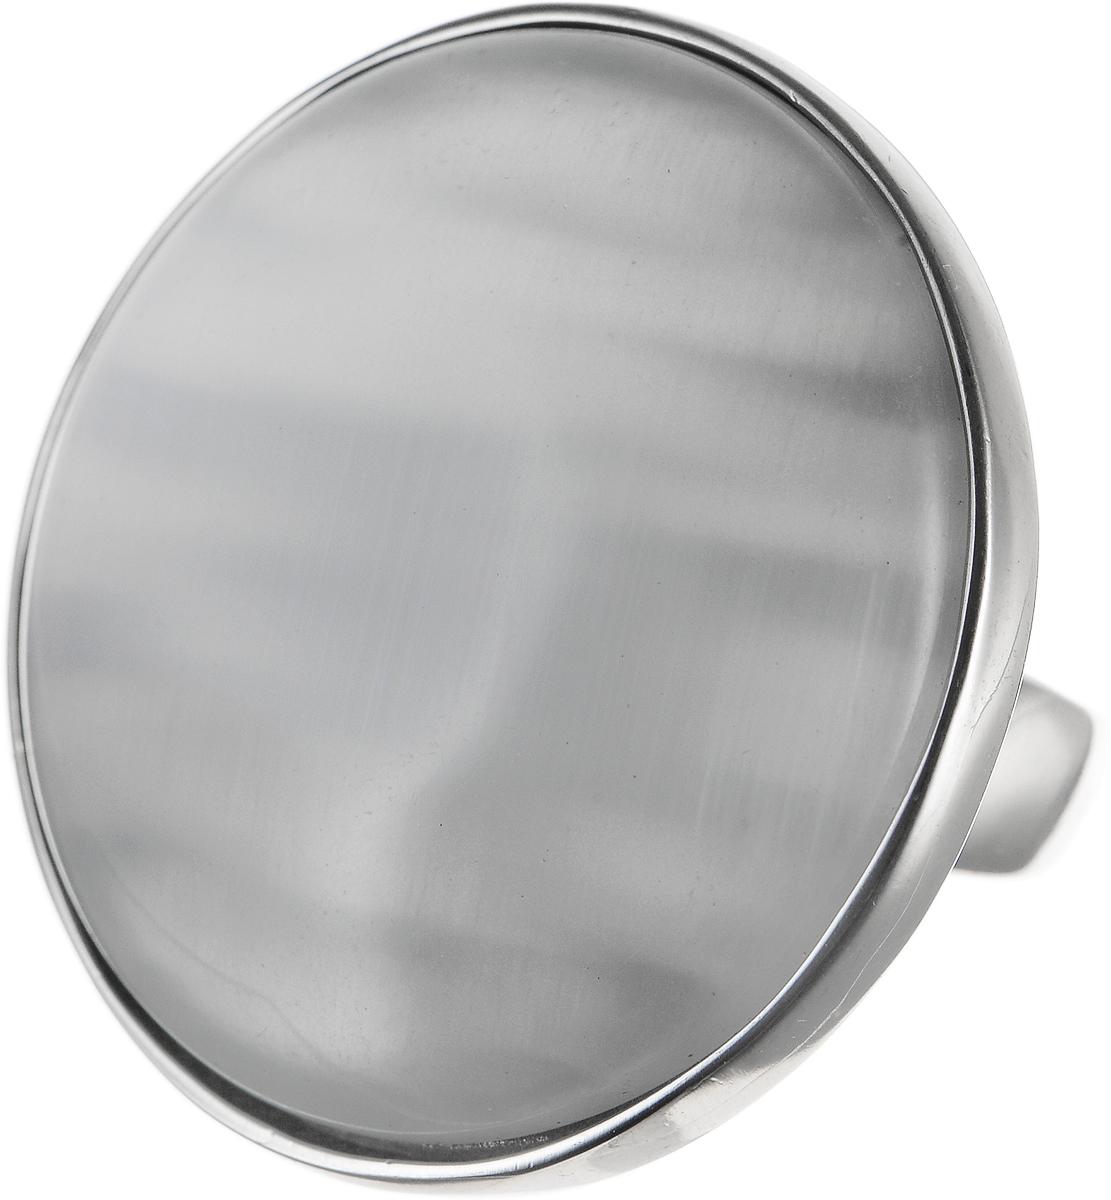 Кольцо Polina Selezneva, цвет: серебристый, перламутровый. DG-0003. Размер 18DG-0003-08Оригинальное кольцо Polina Selezneva выполнено из бижутерийного сплава. Изделие круглой формы, дополнено искусственным камнем. Такое кольцо это блестящее завершение вашего неповторимого, смелого образа и отличный подарок для ценительницы необычных украшений!